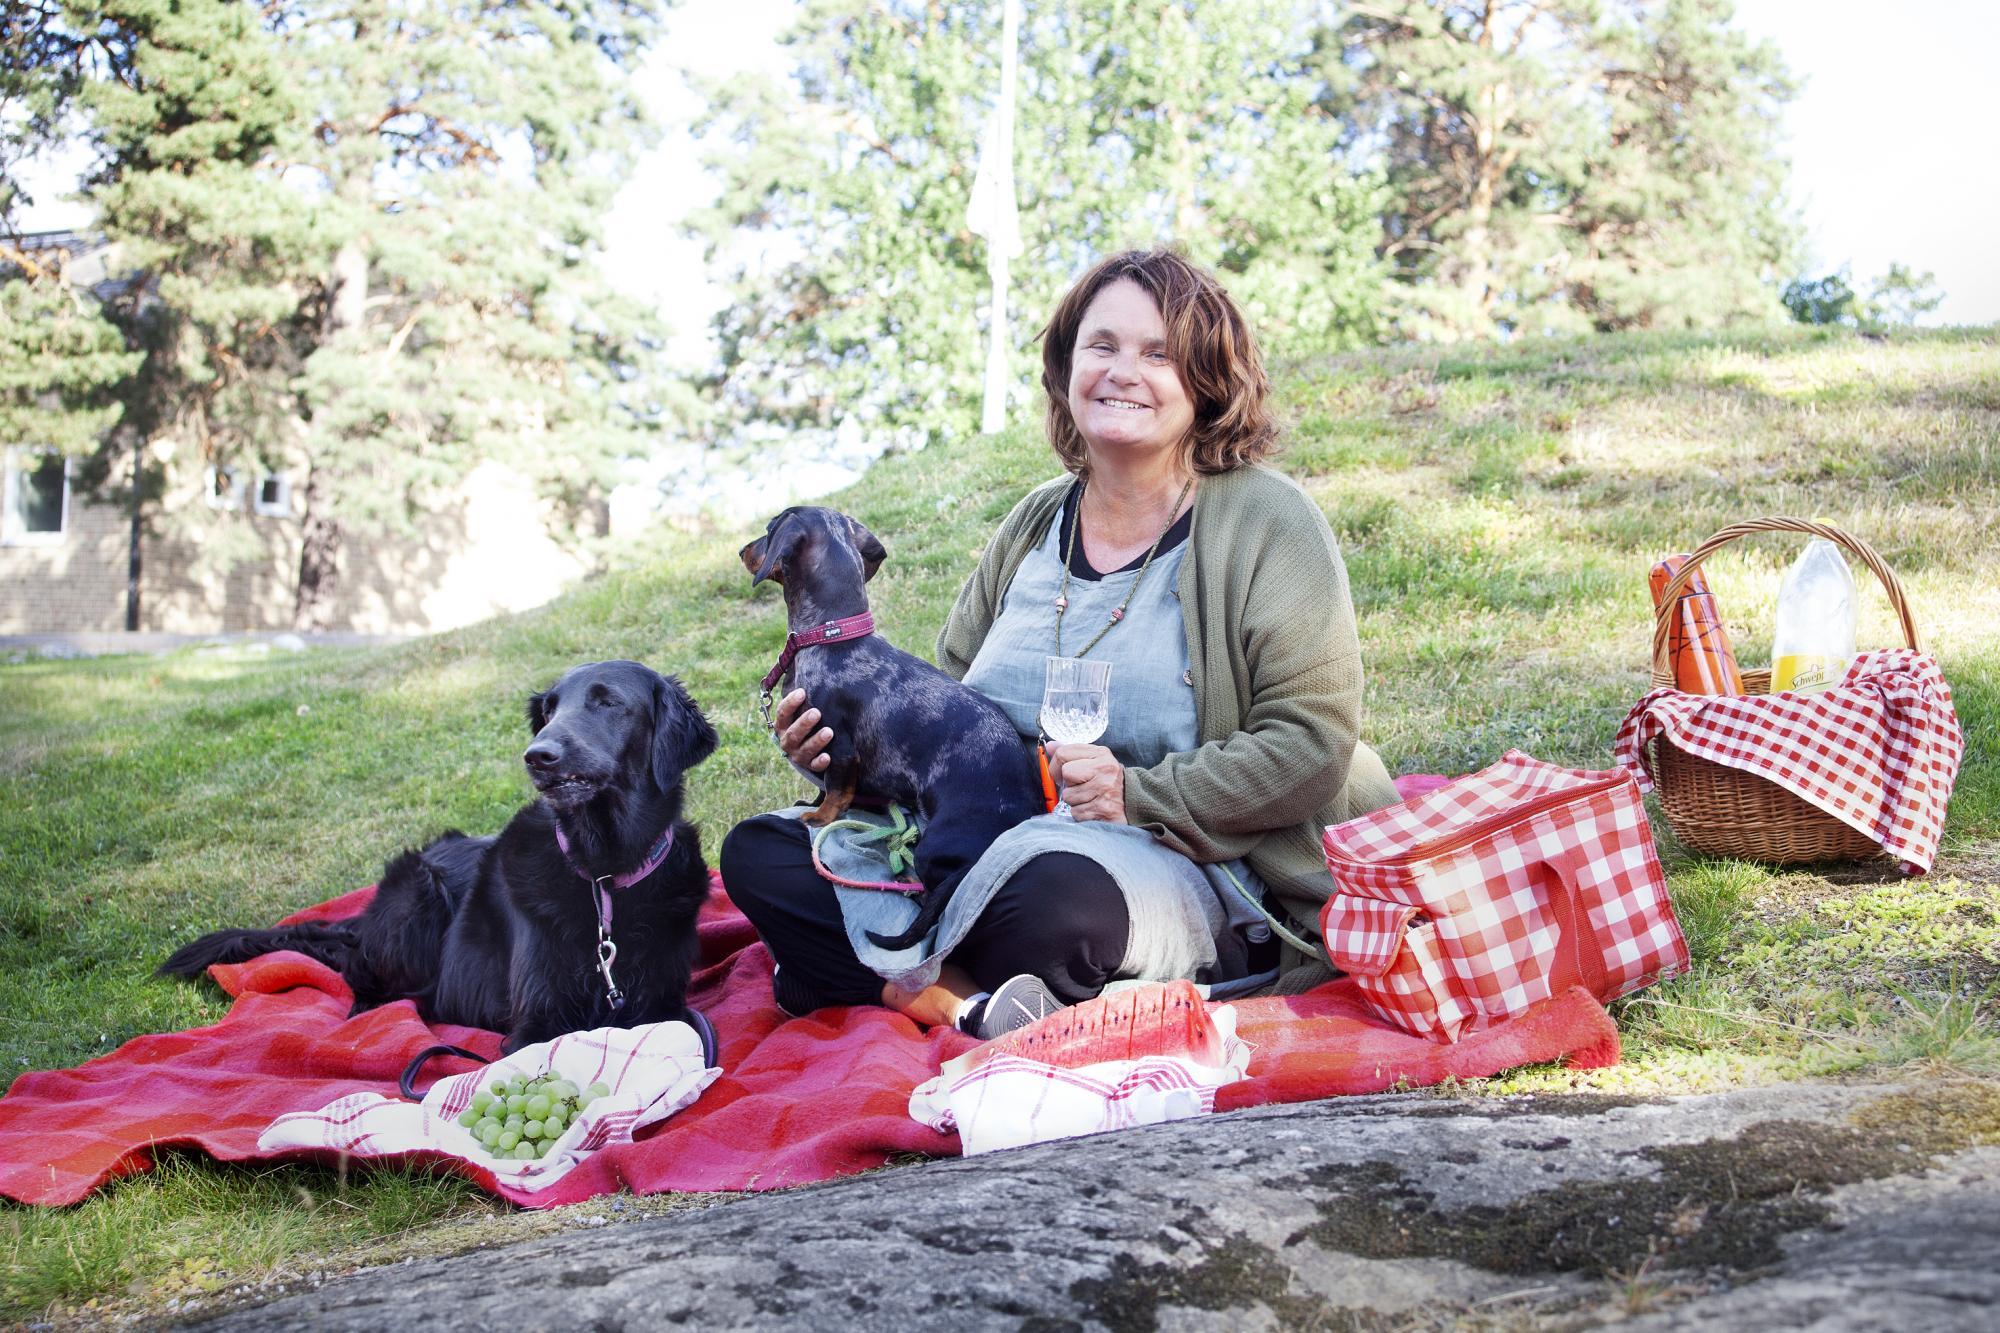 <span>Cilla Danielsson är hundtränare och hundpsykolog. Hon titulerar sig även som pet behaviorist och tar gärna en picknick med sina hundar</span><span>Mira,</span><span>Släthårig Dvärgtax, & Nova,</span><span>Flat Coated Retriever.</span>